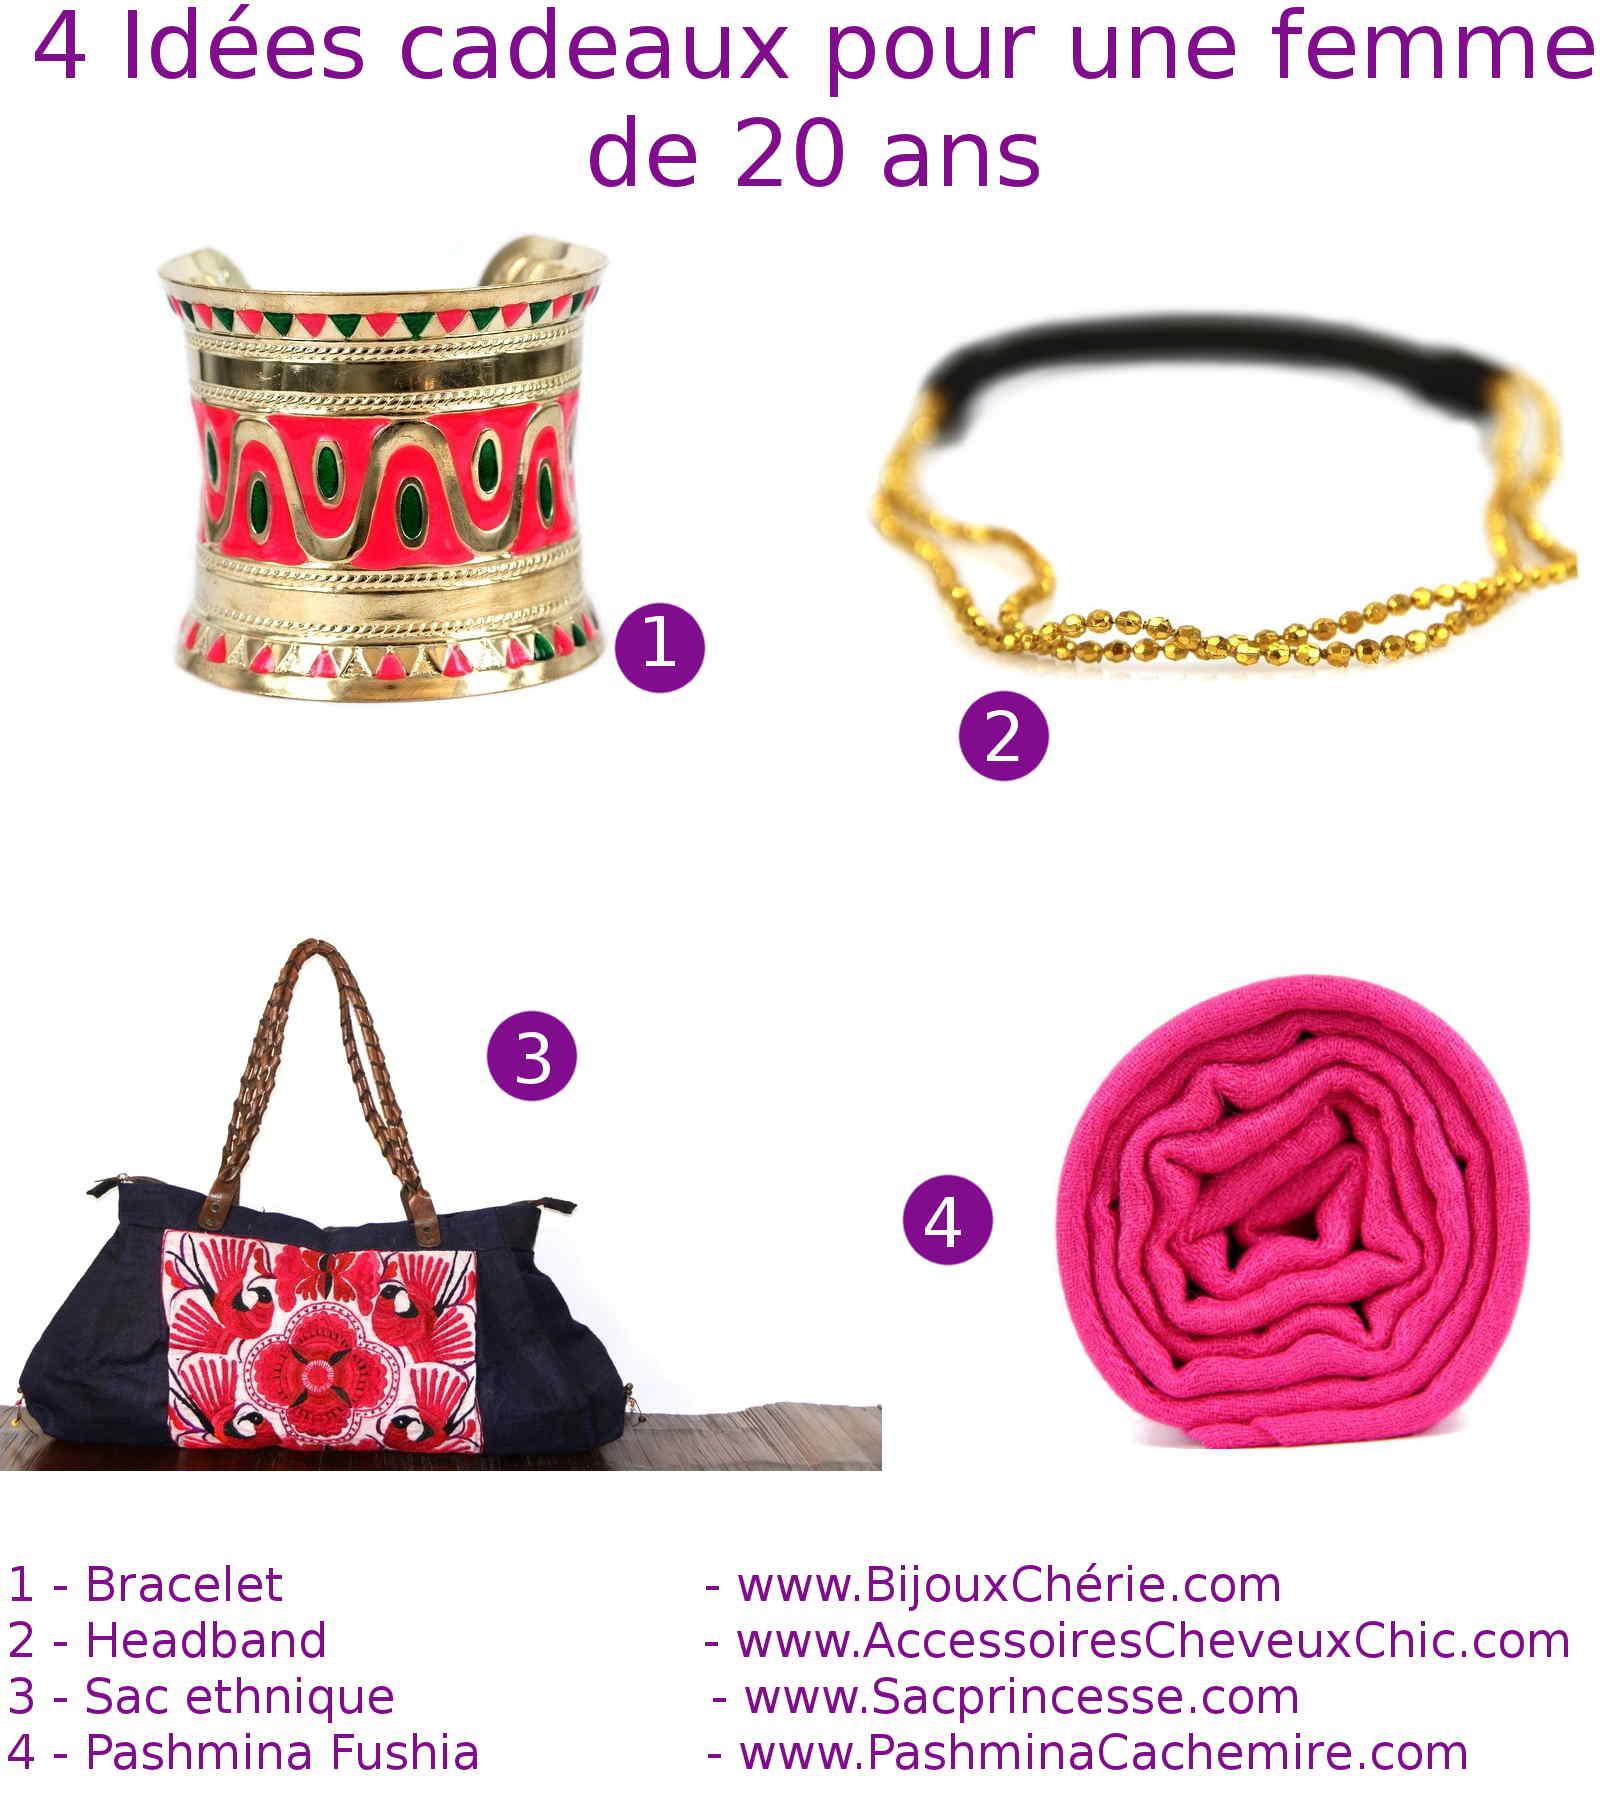 Idée Cadeau Femme 20 Ans   Hetoogvanleonardo bb3d26b4ac2